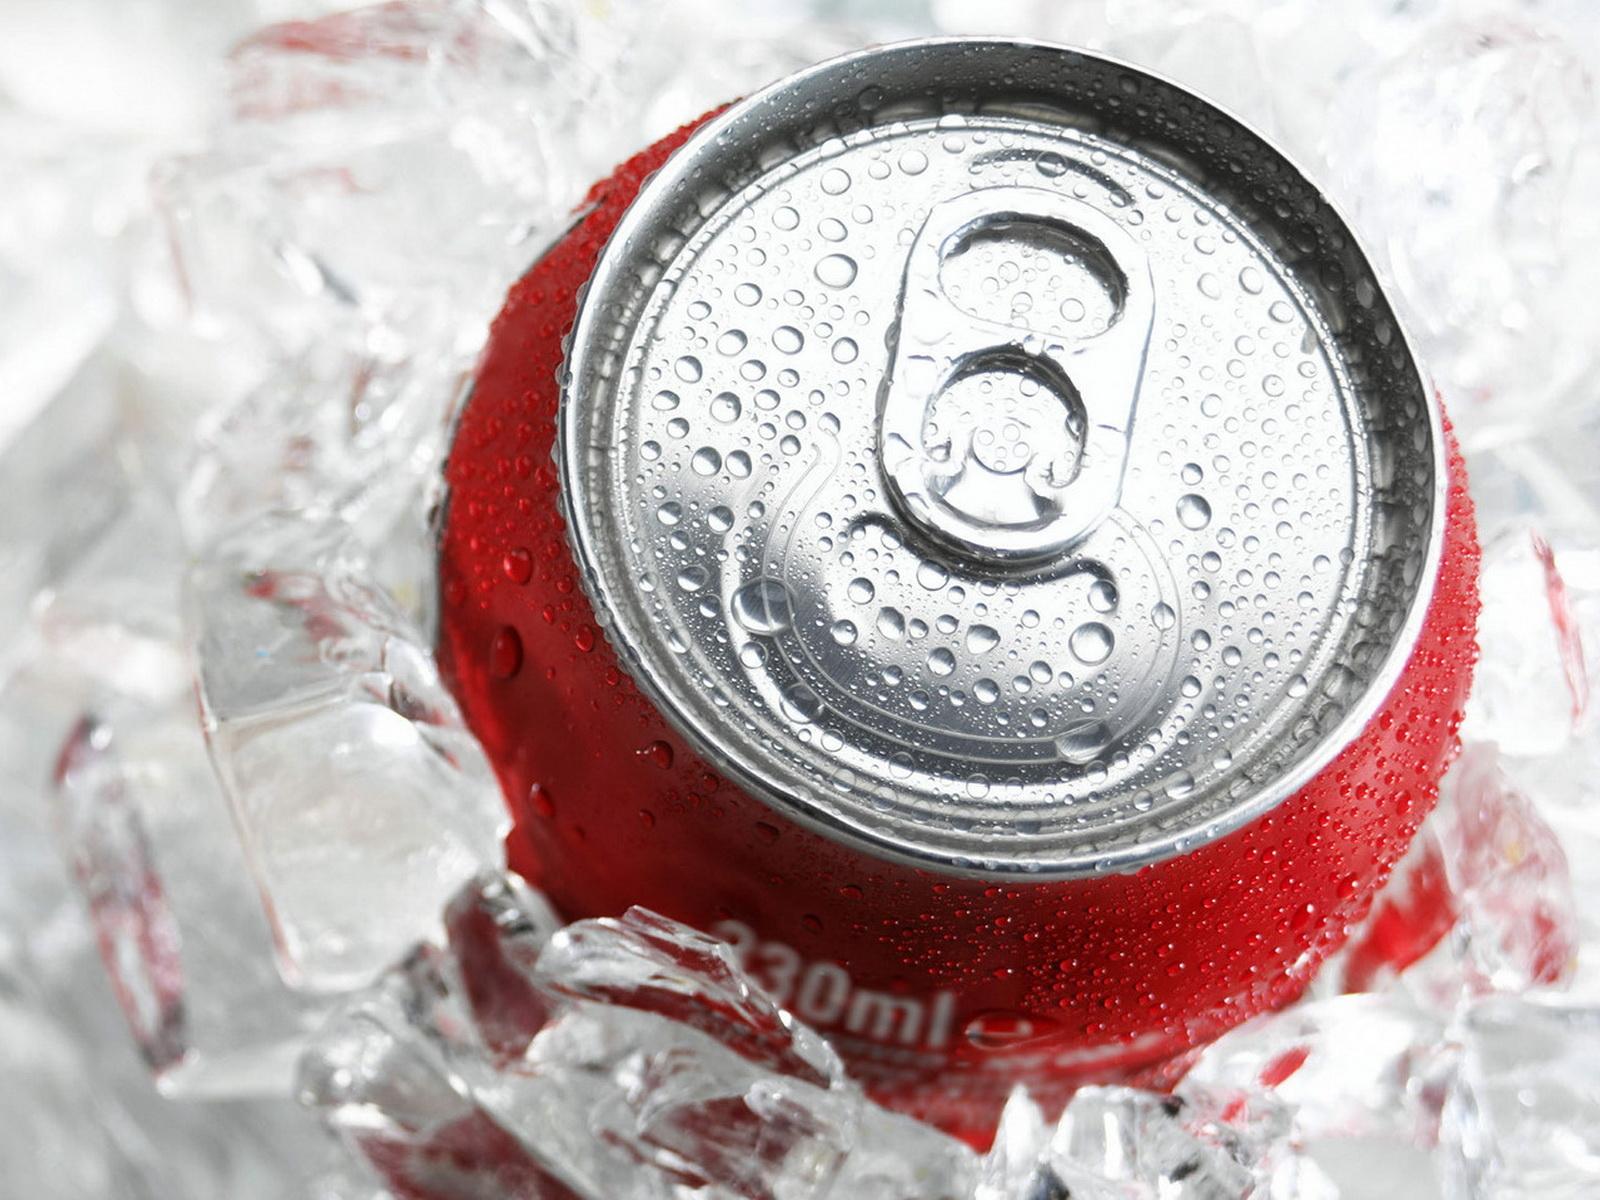 Coca Cola's $3.3 BILLION Tax Bill